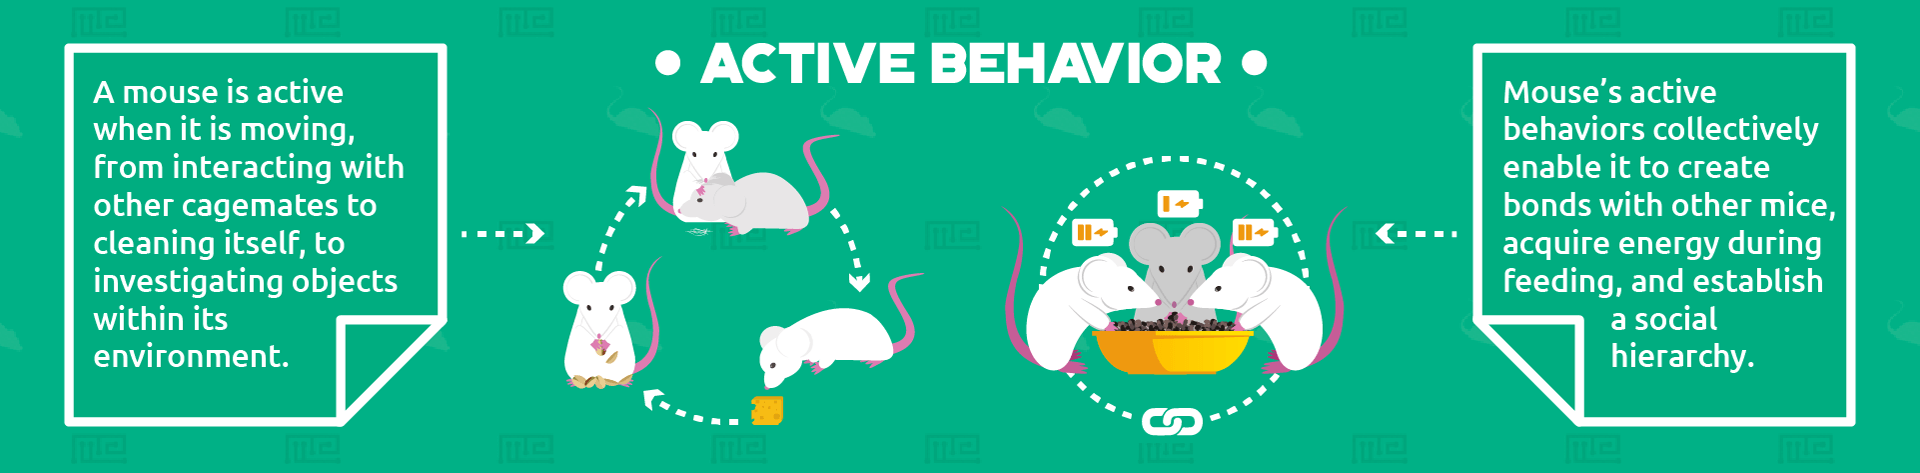 active behaviors infographic